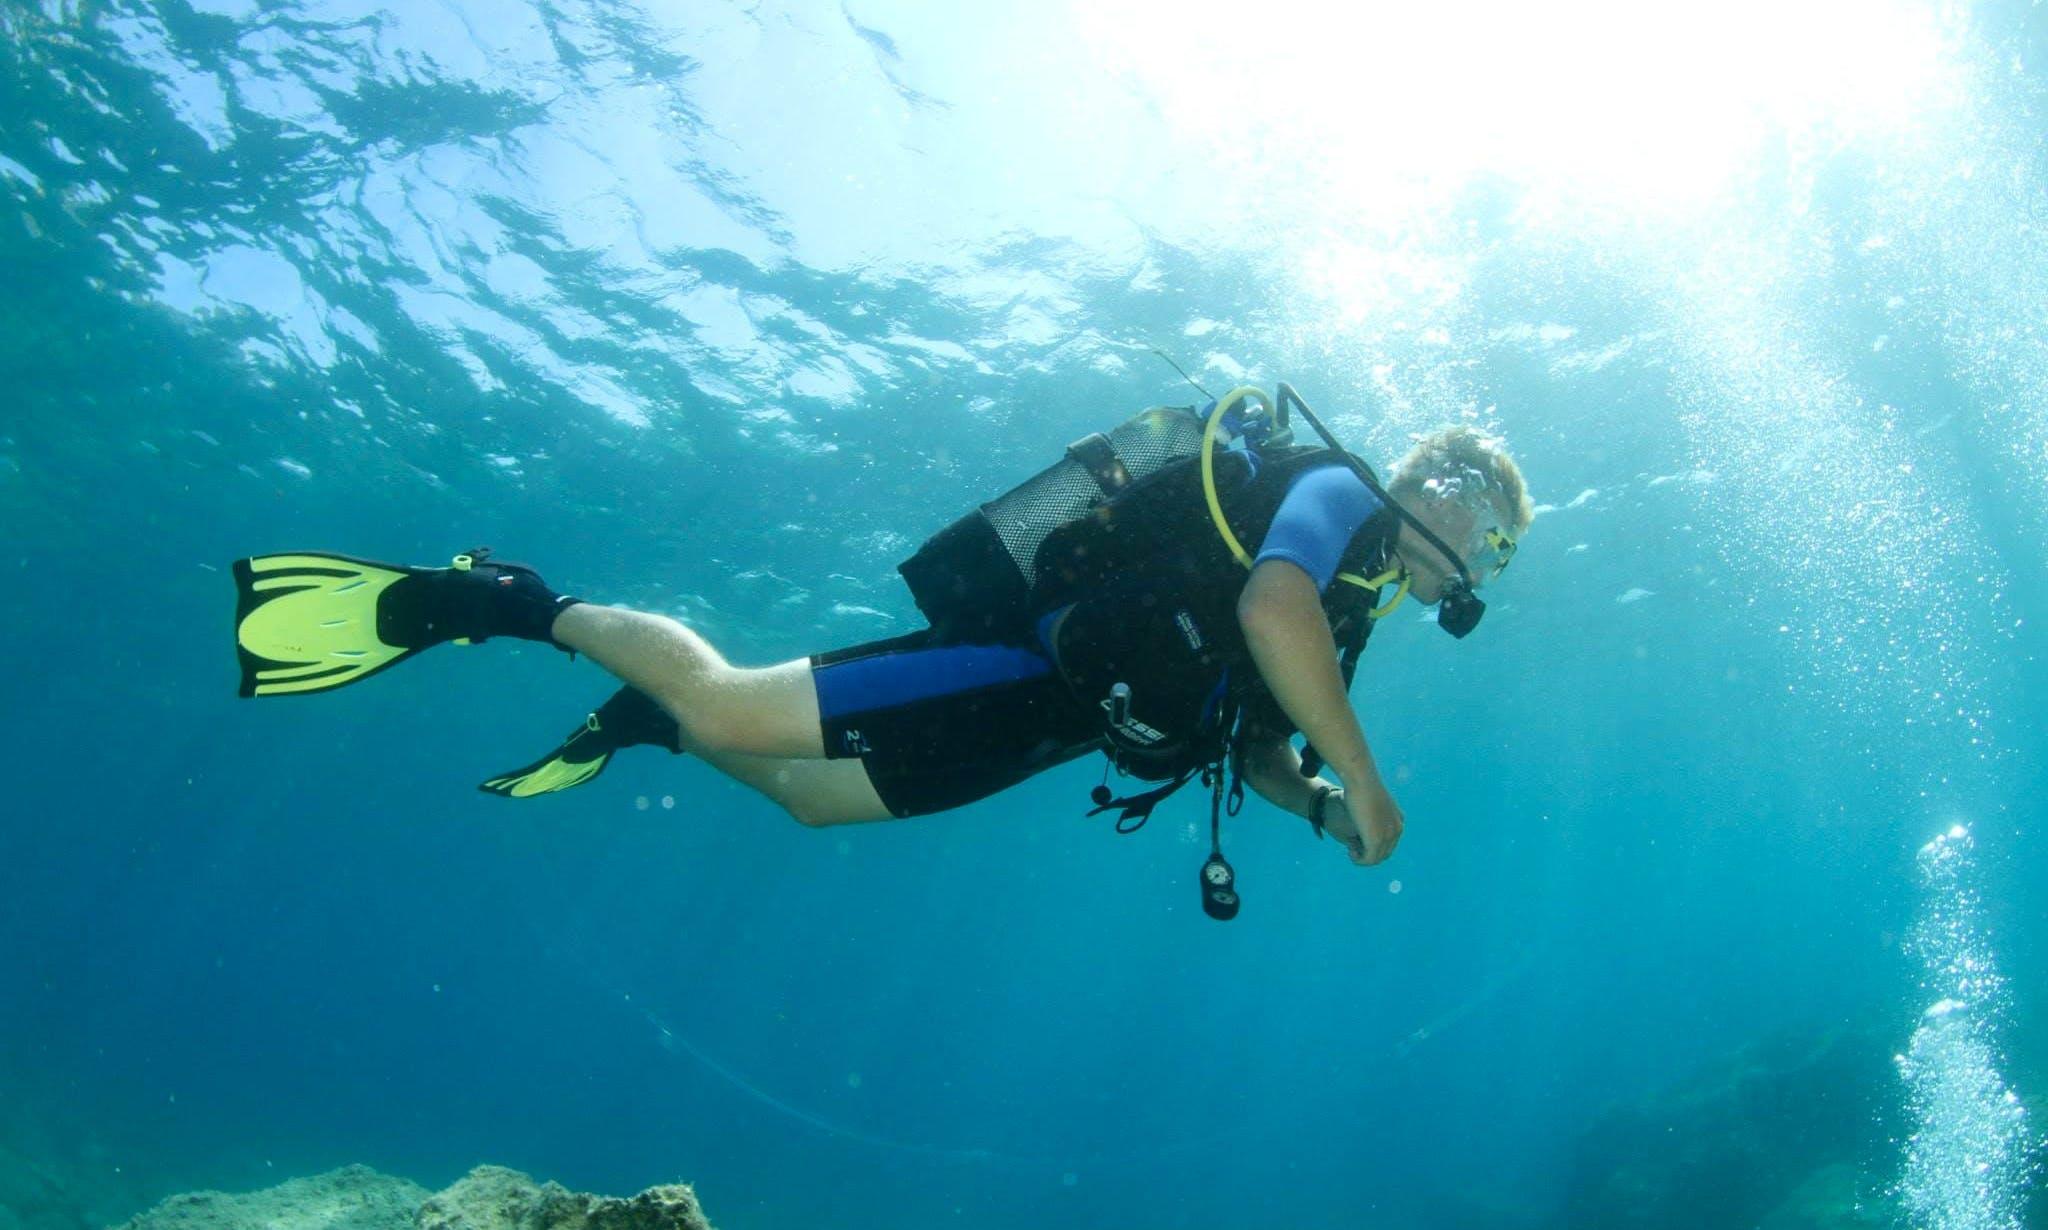 PADI Scuba Diving & Specialties Courses in Vasilikis